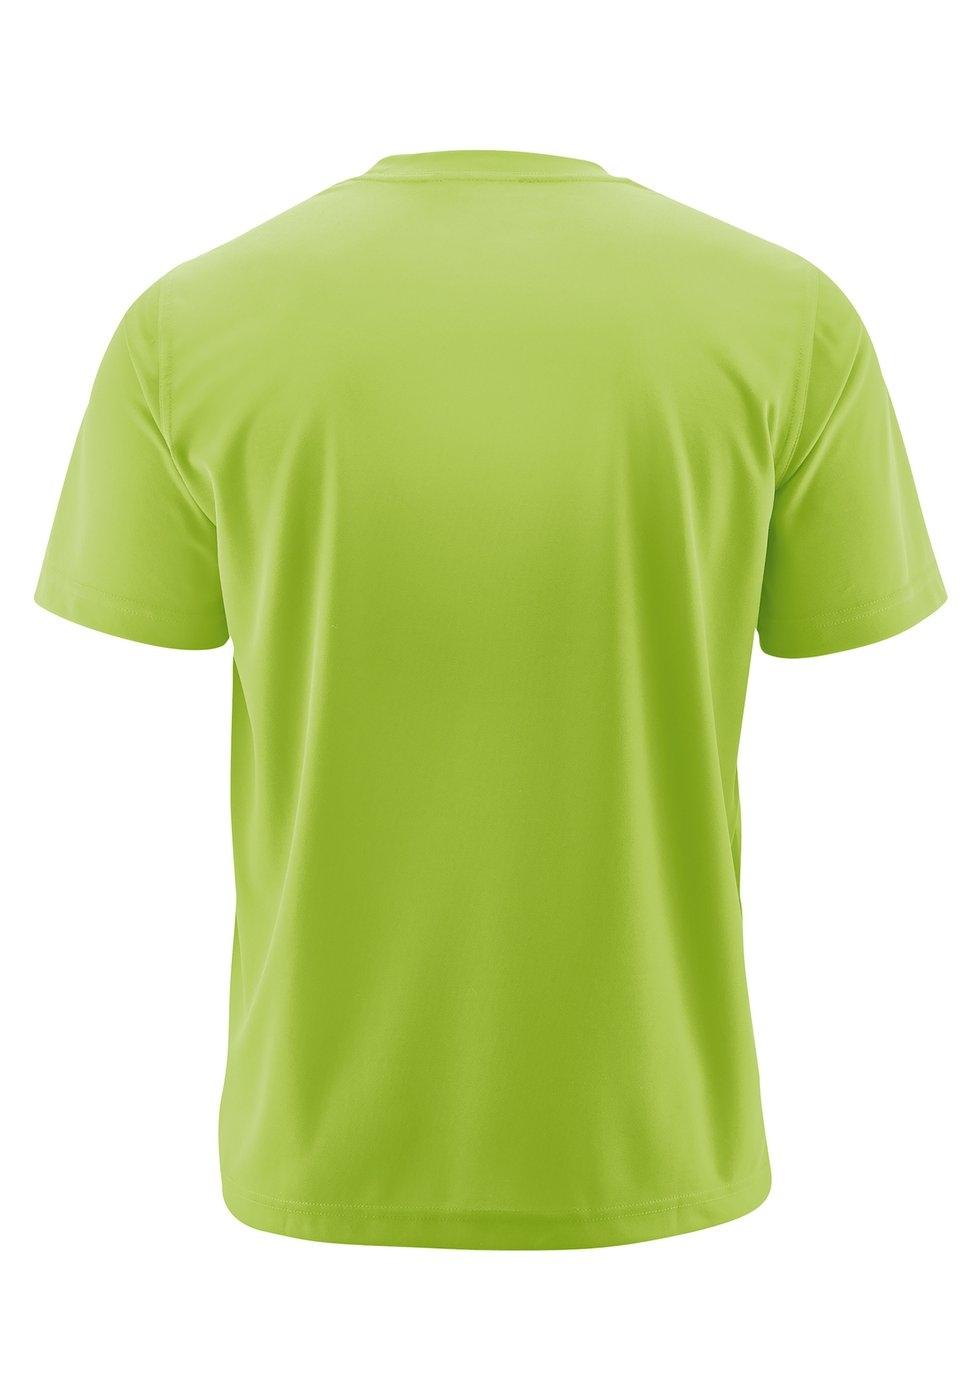 Maier Sports Hr. T-Shirt Walter 152302 macow green